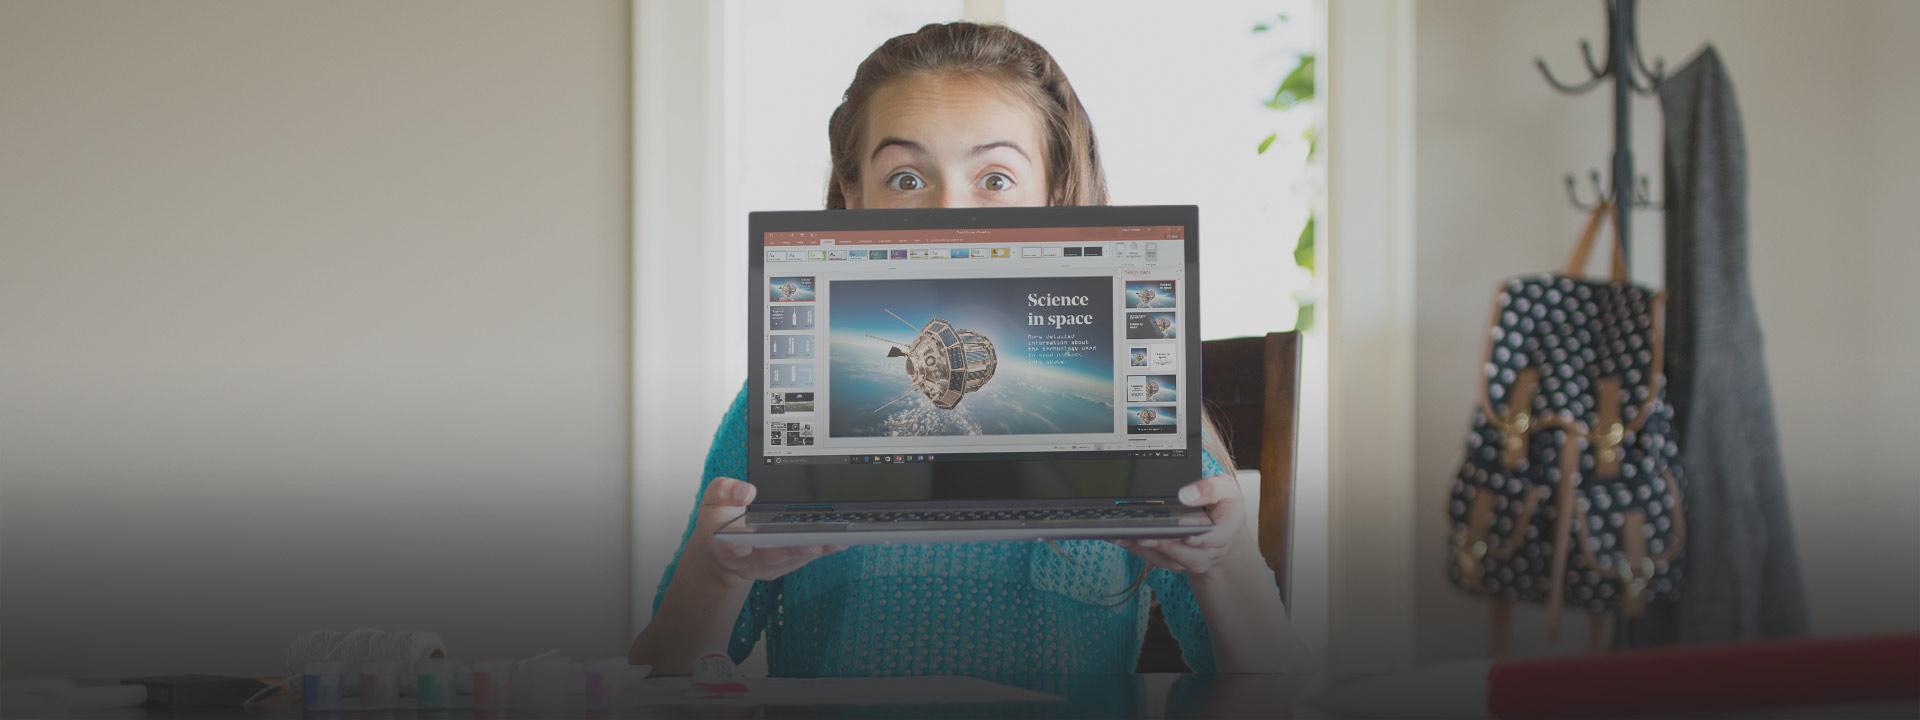 PC; az Office 365 bemutatása